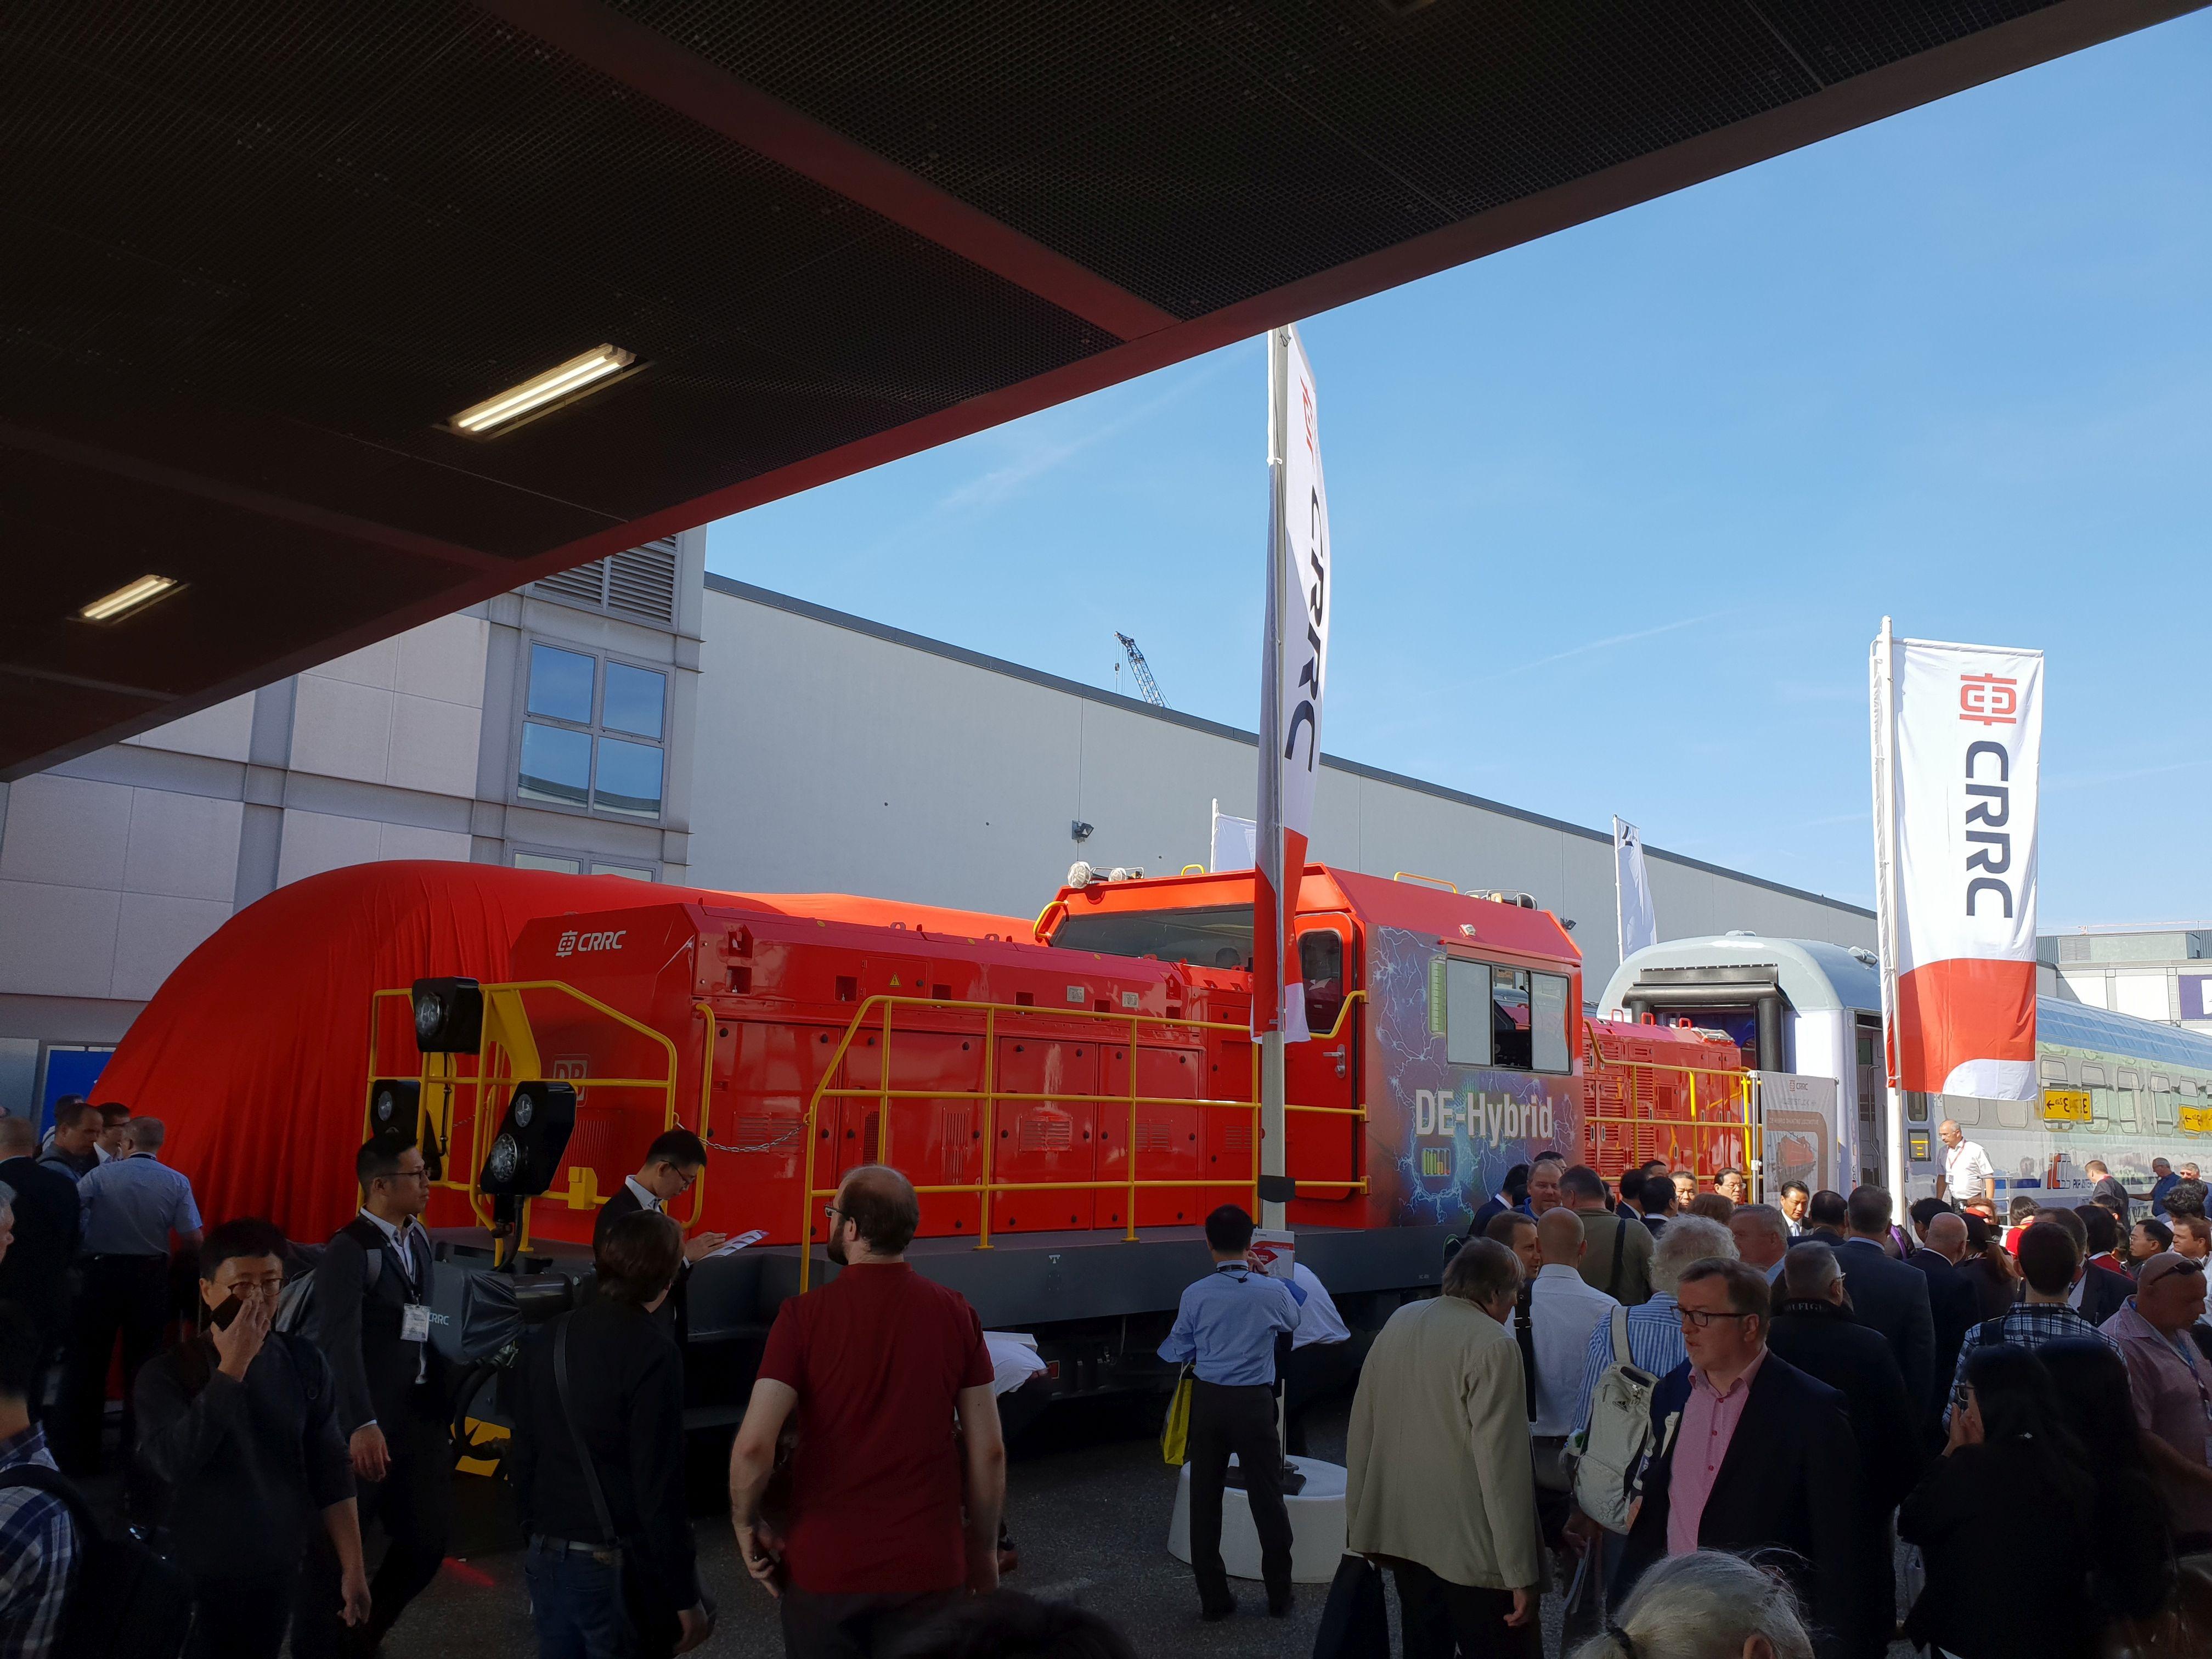 Foto: Hybridlok von CRRC für die DB auf der Berliner Innotrans 2018